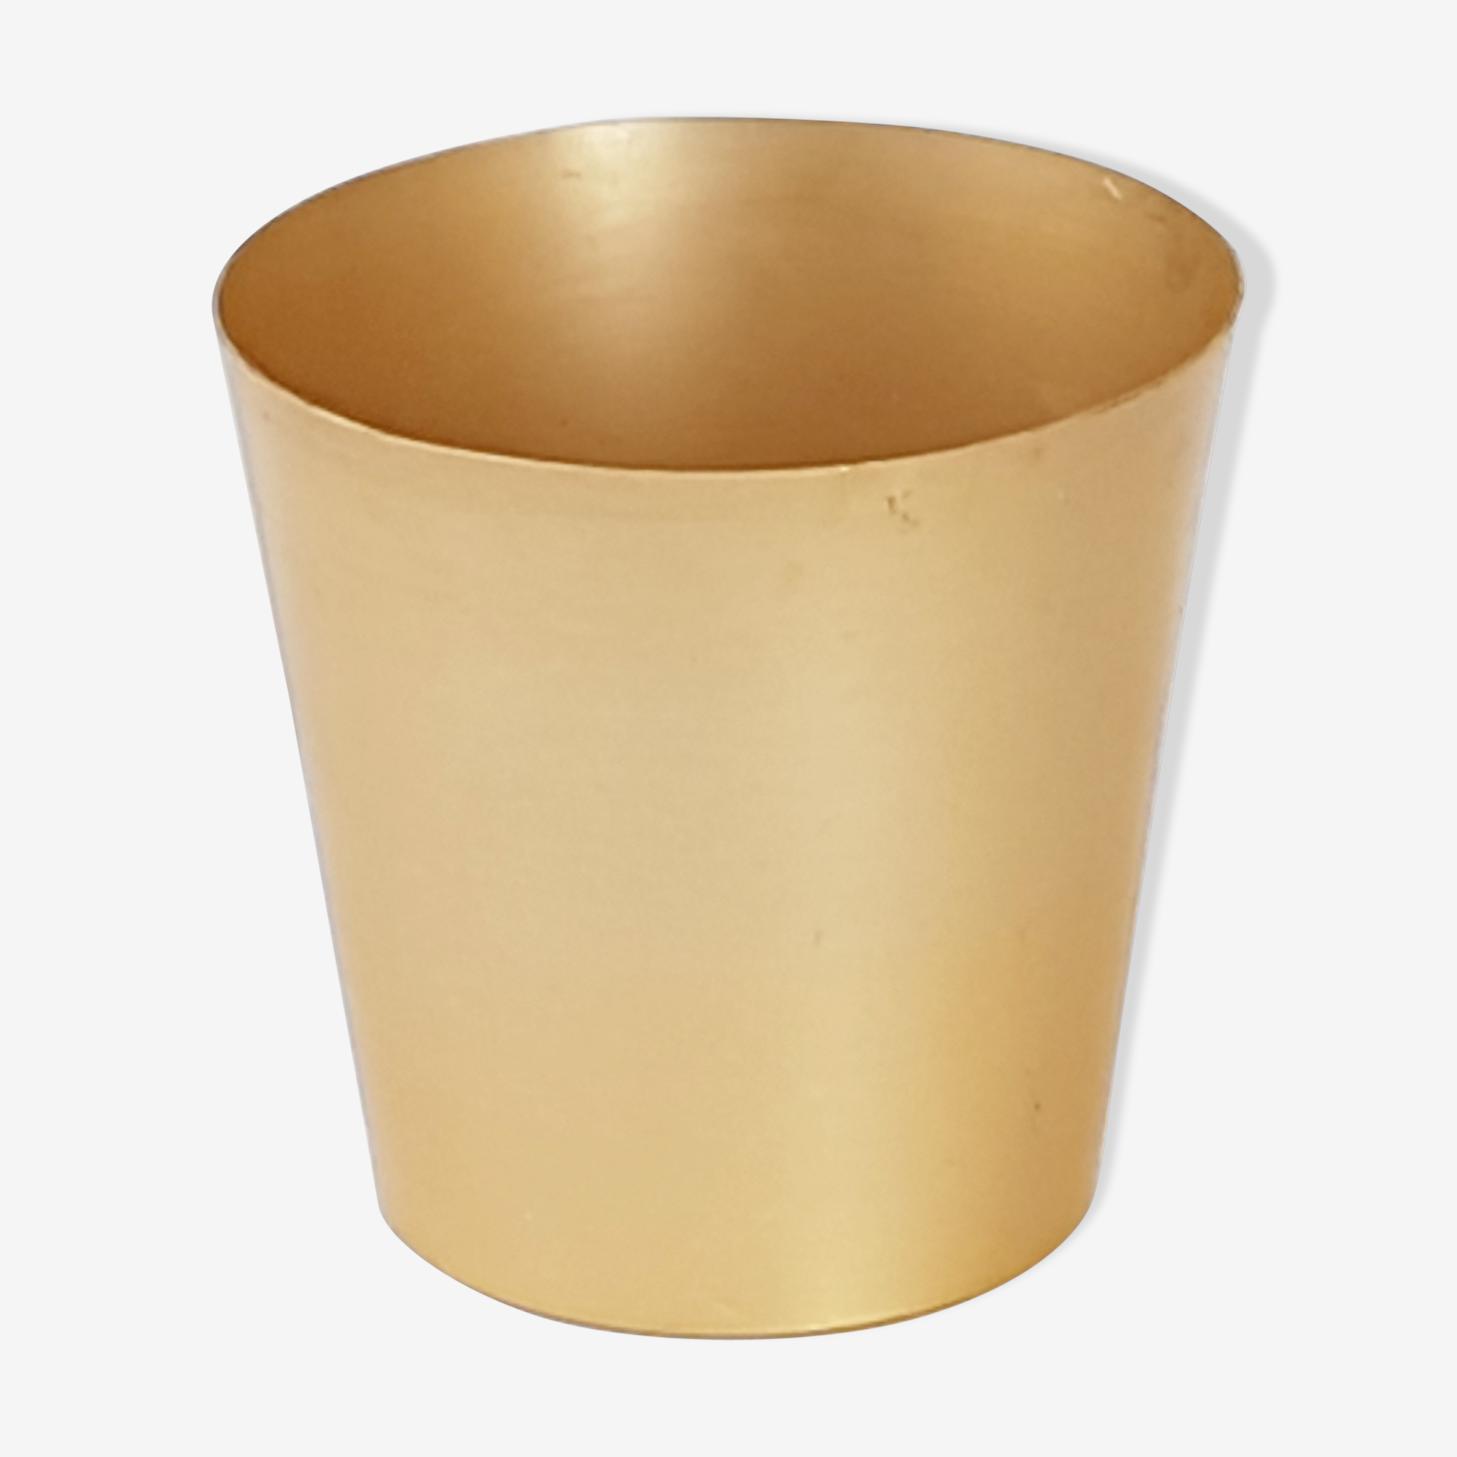 Vintage gold metal basket 1960